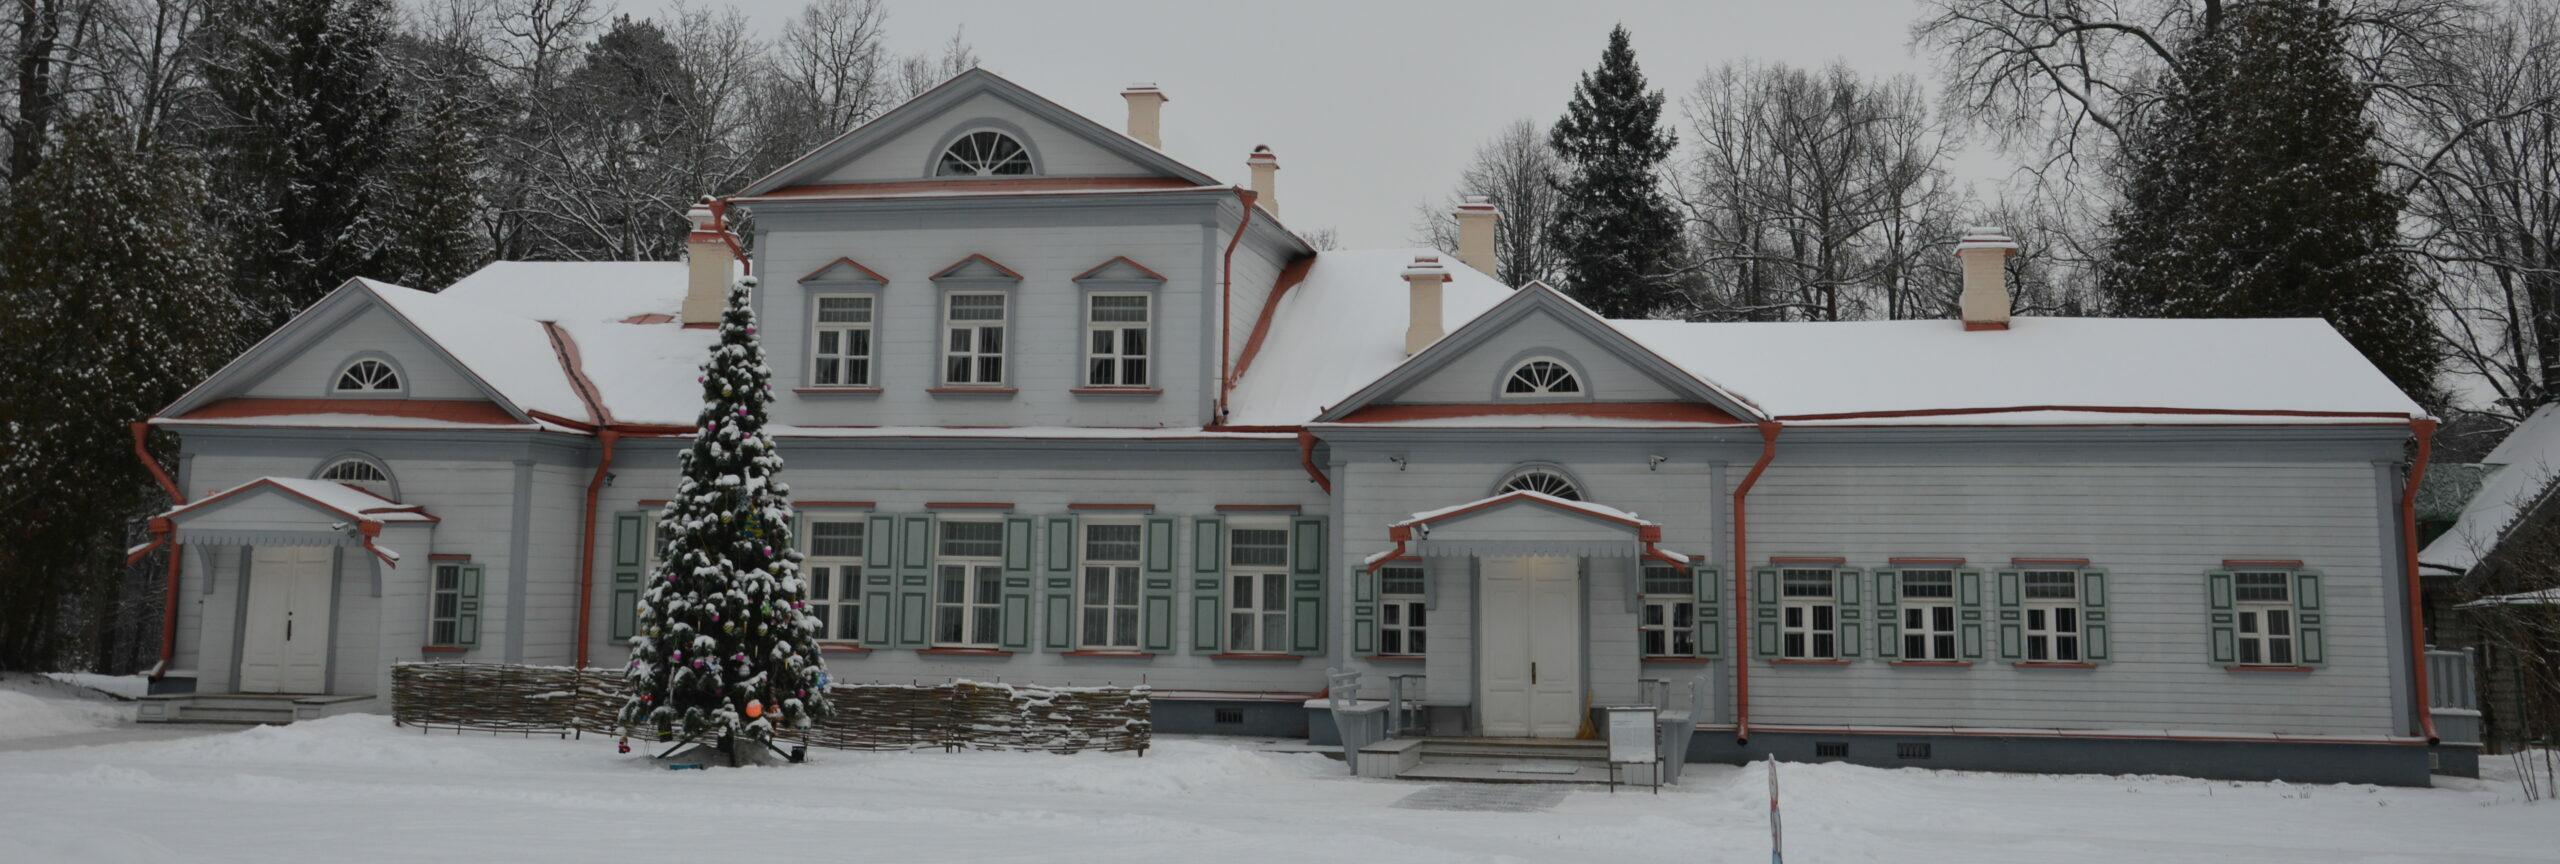 Выходец из сибирского городка, ставший выдающимся сыном России